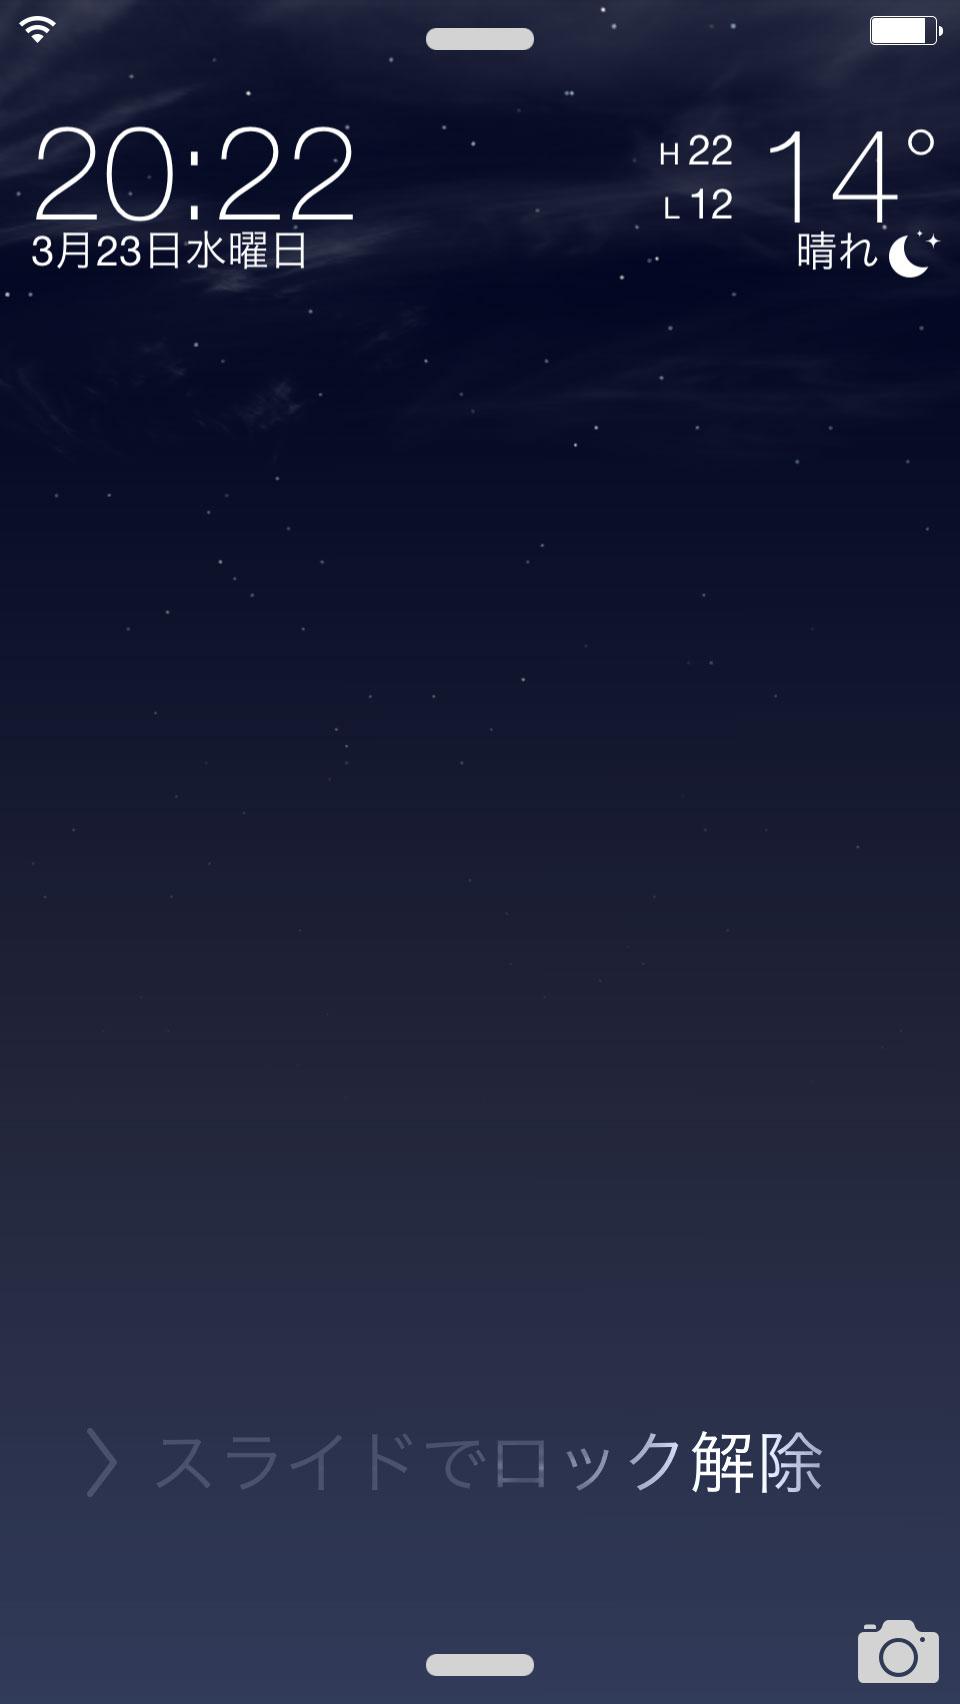 天気アニメーションを壁紙に Forecast 風の新たな脱獄アプリが開発中